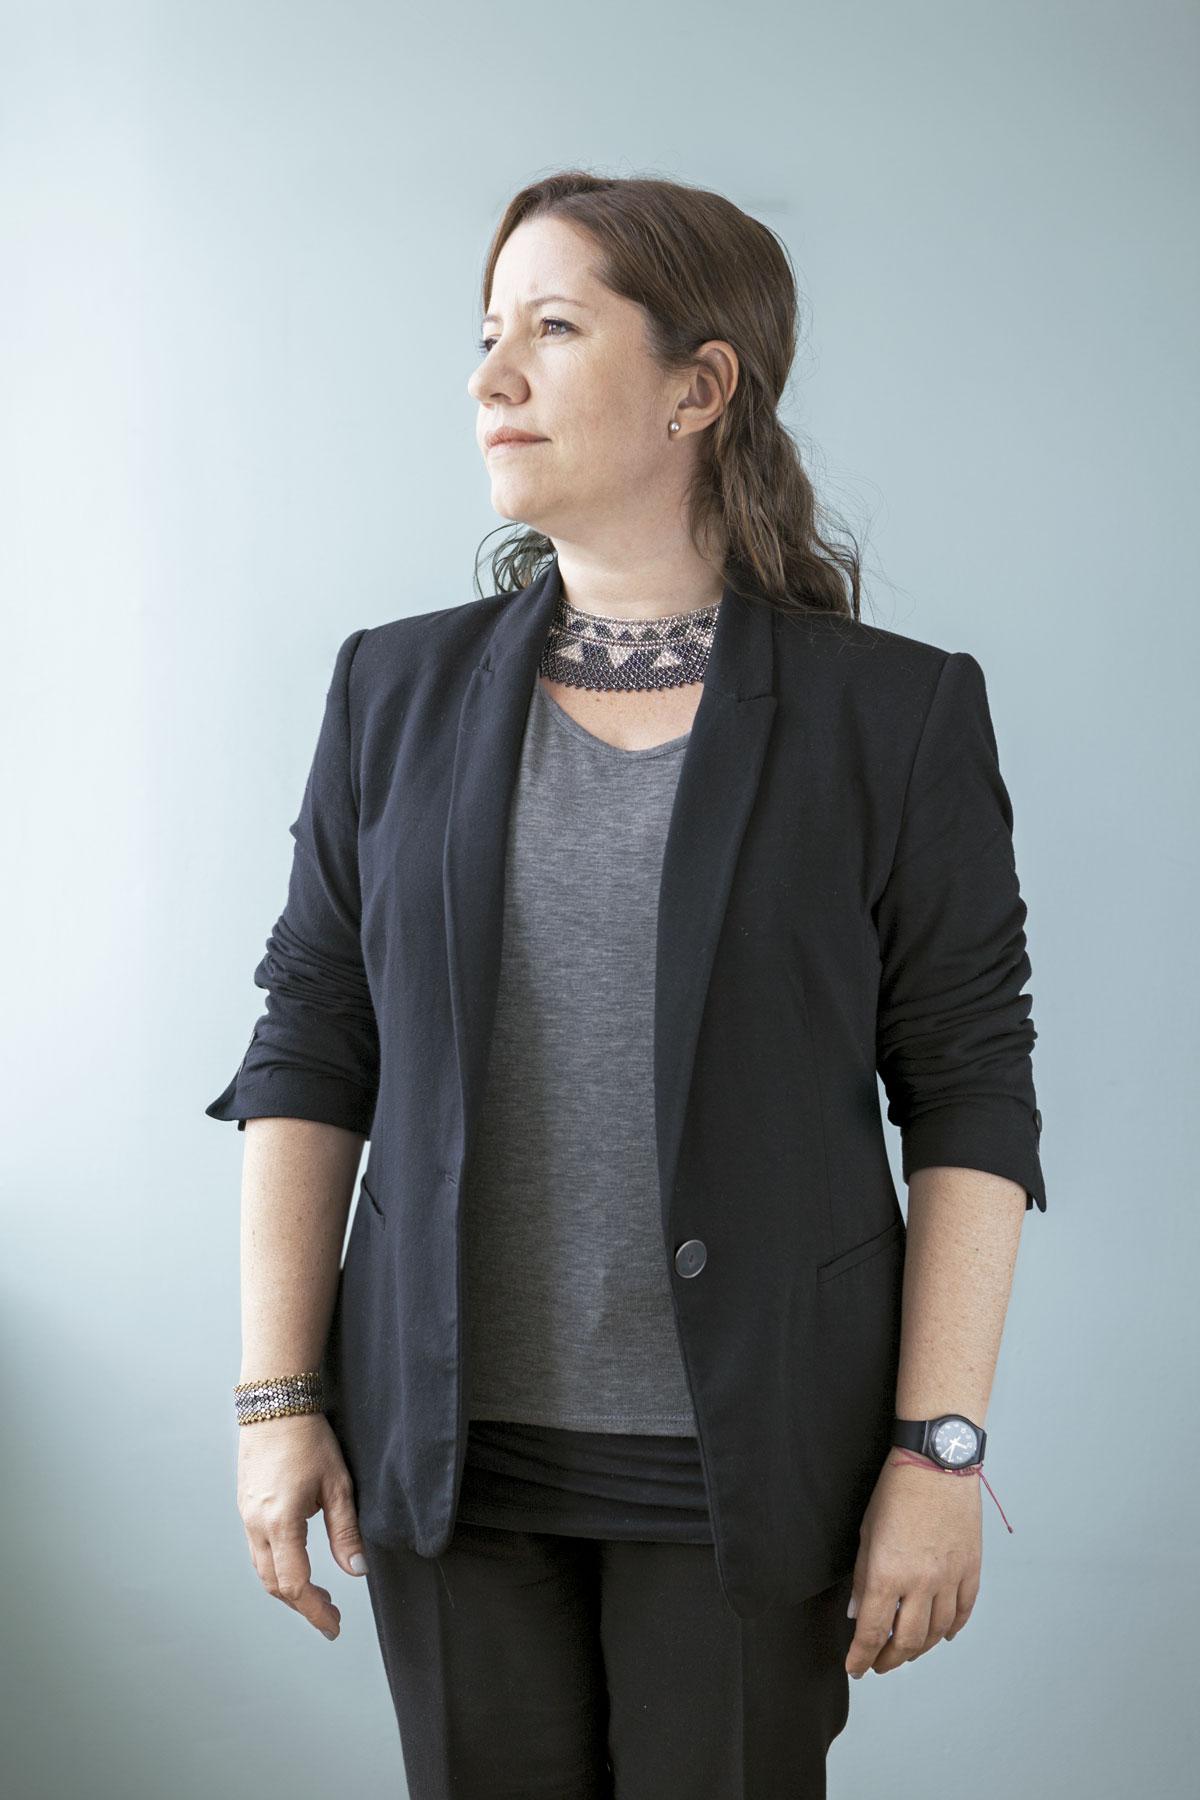 Paula Gaviria, Constelaciones Familiares